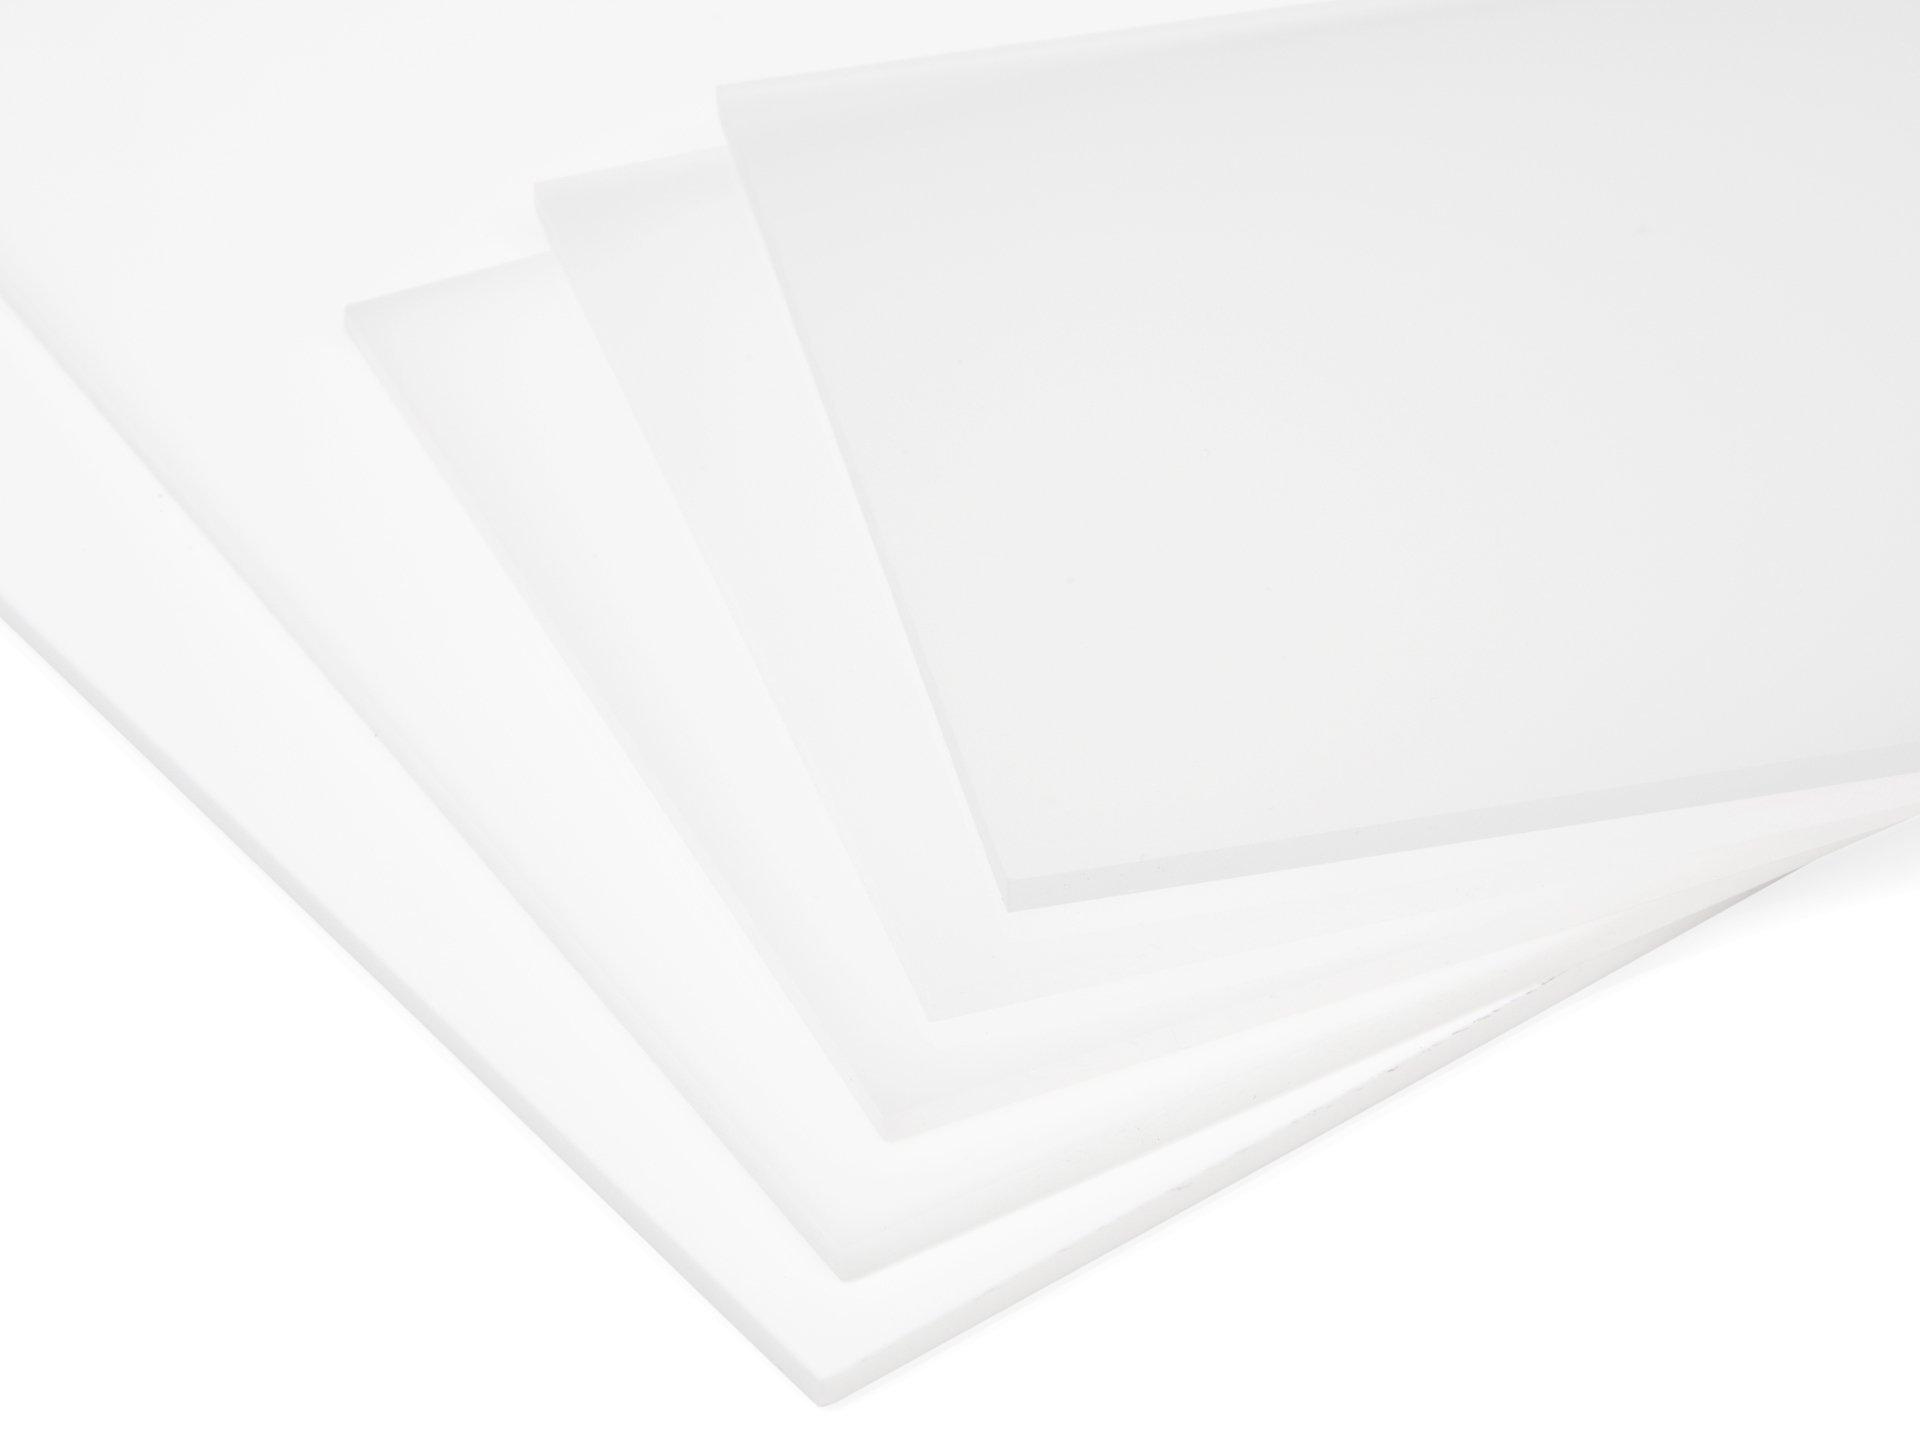 plexiglas milchig plexiglas gs wei milchig im zuschnitt oder 6mm 5mm milchig wei e plexiglas. Black Bedroom Furniture Sets. Home Design Ideas